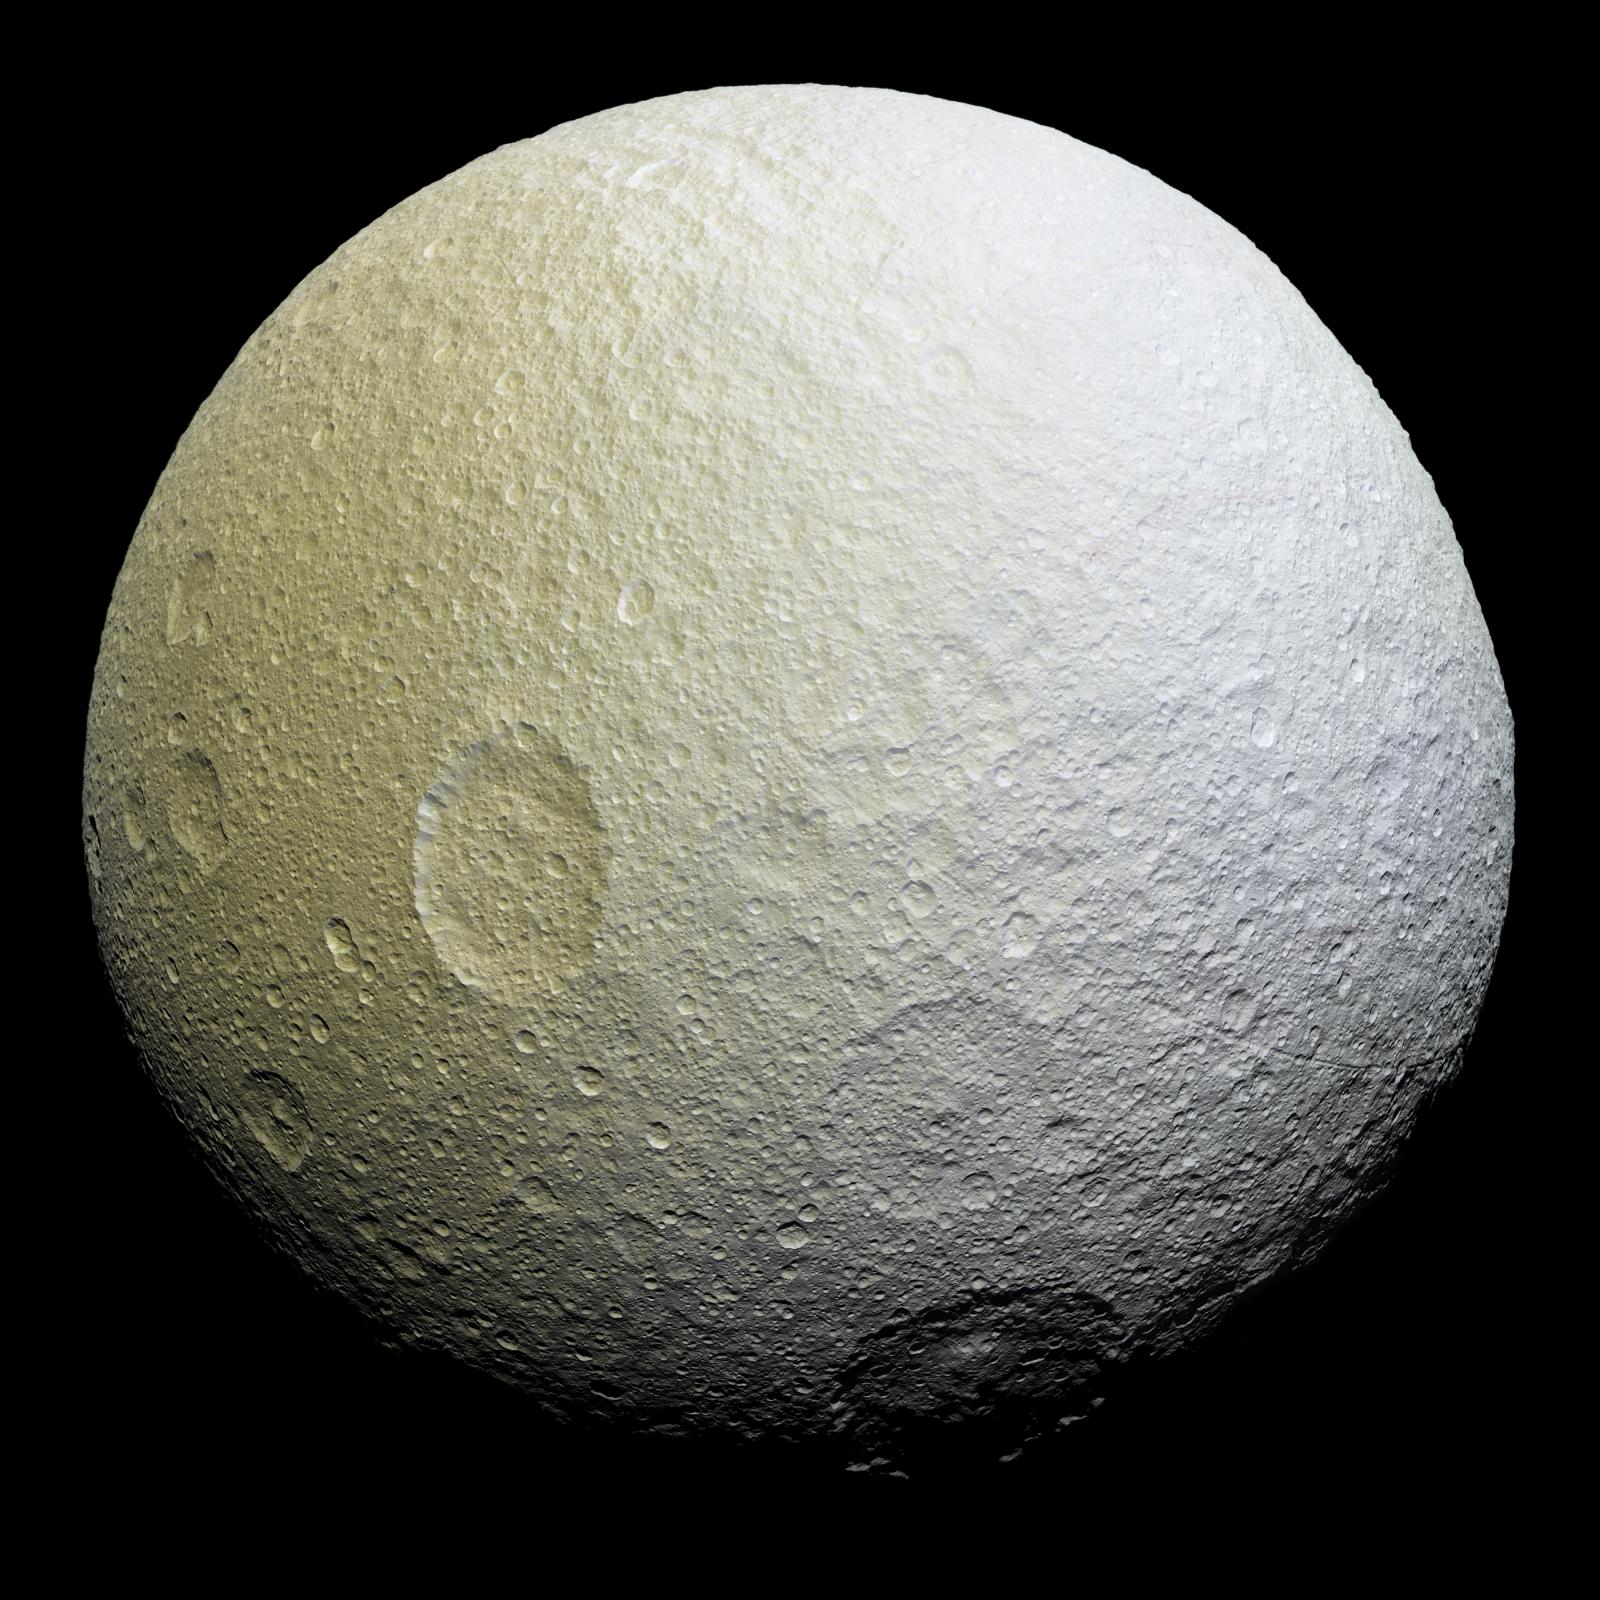 Saturn's icy moon Tethys